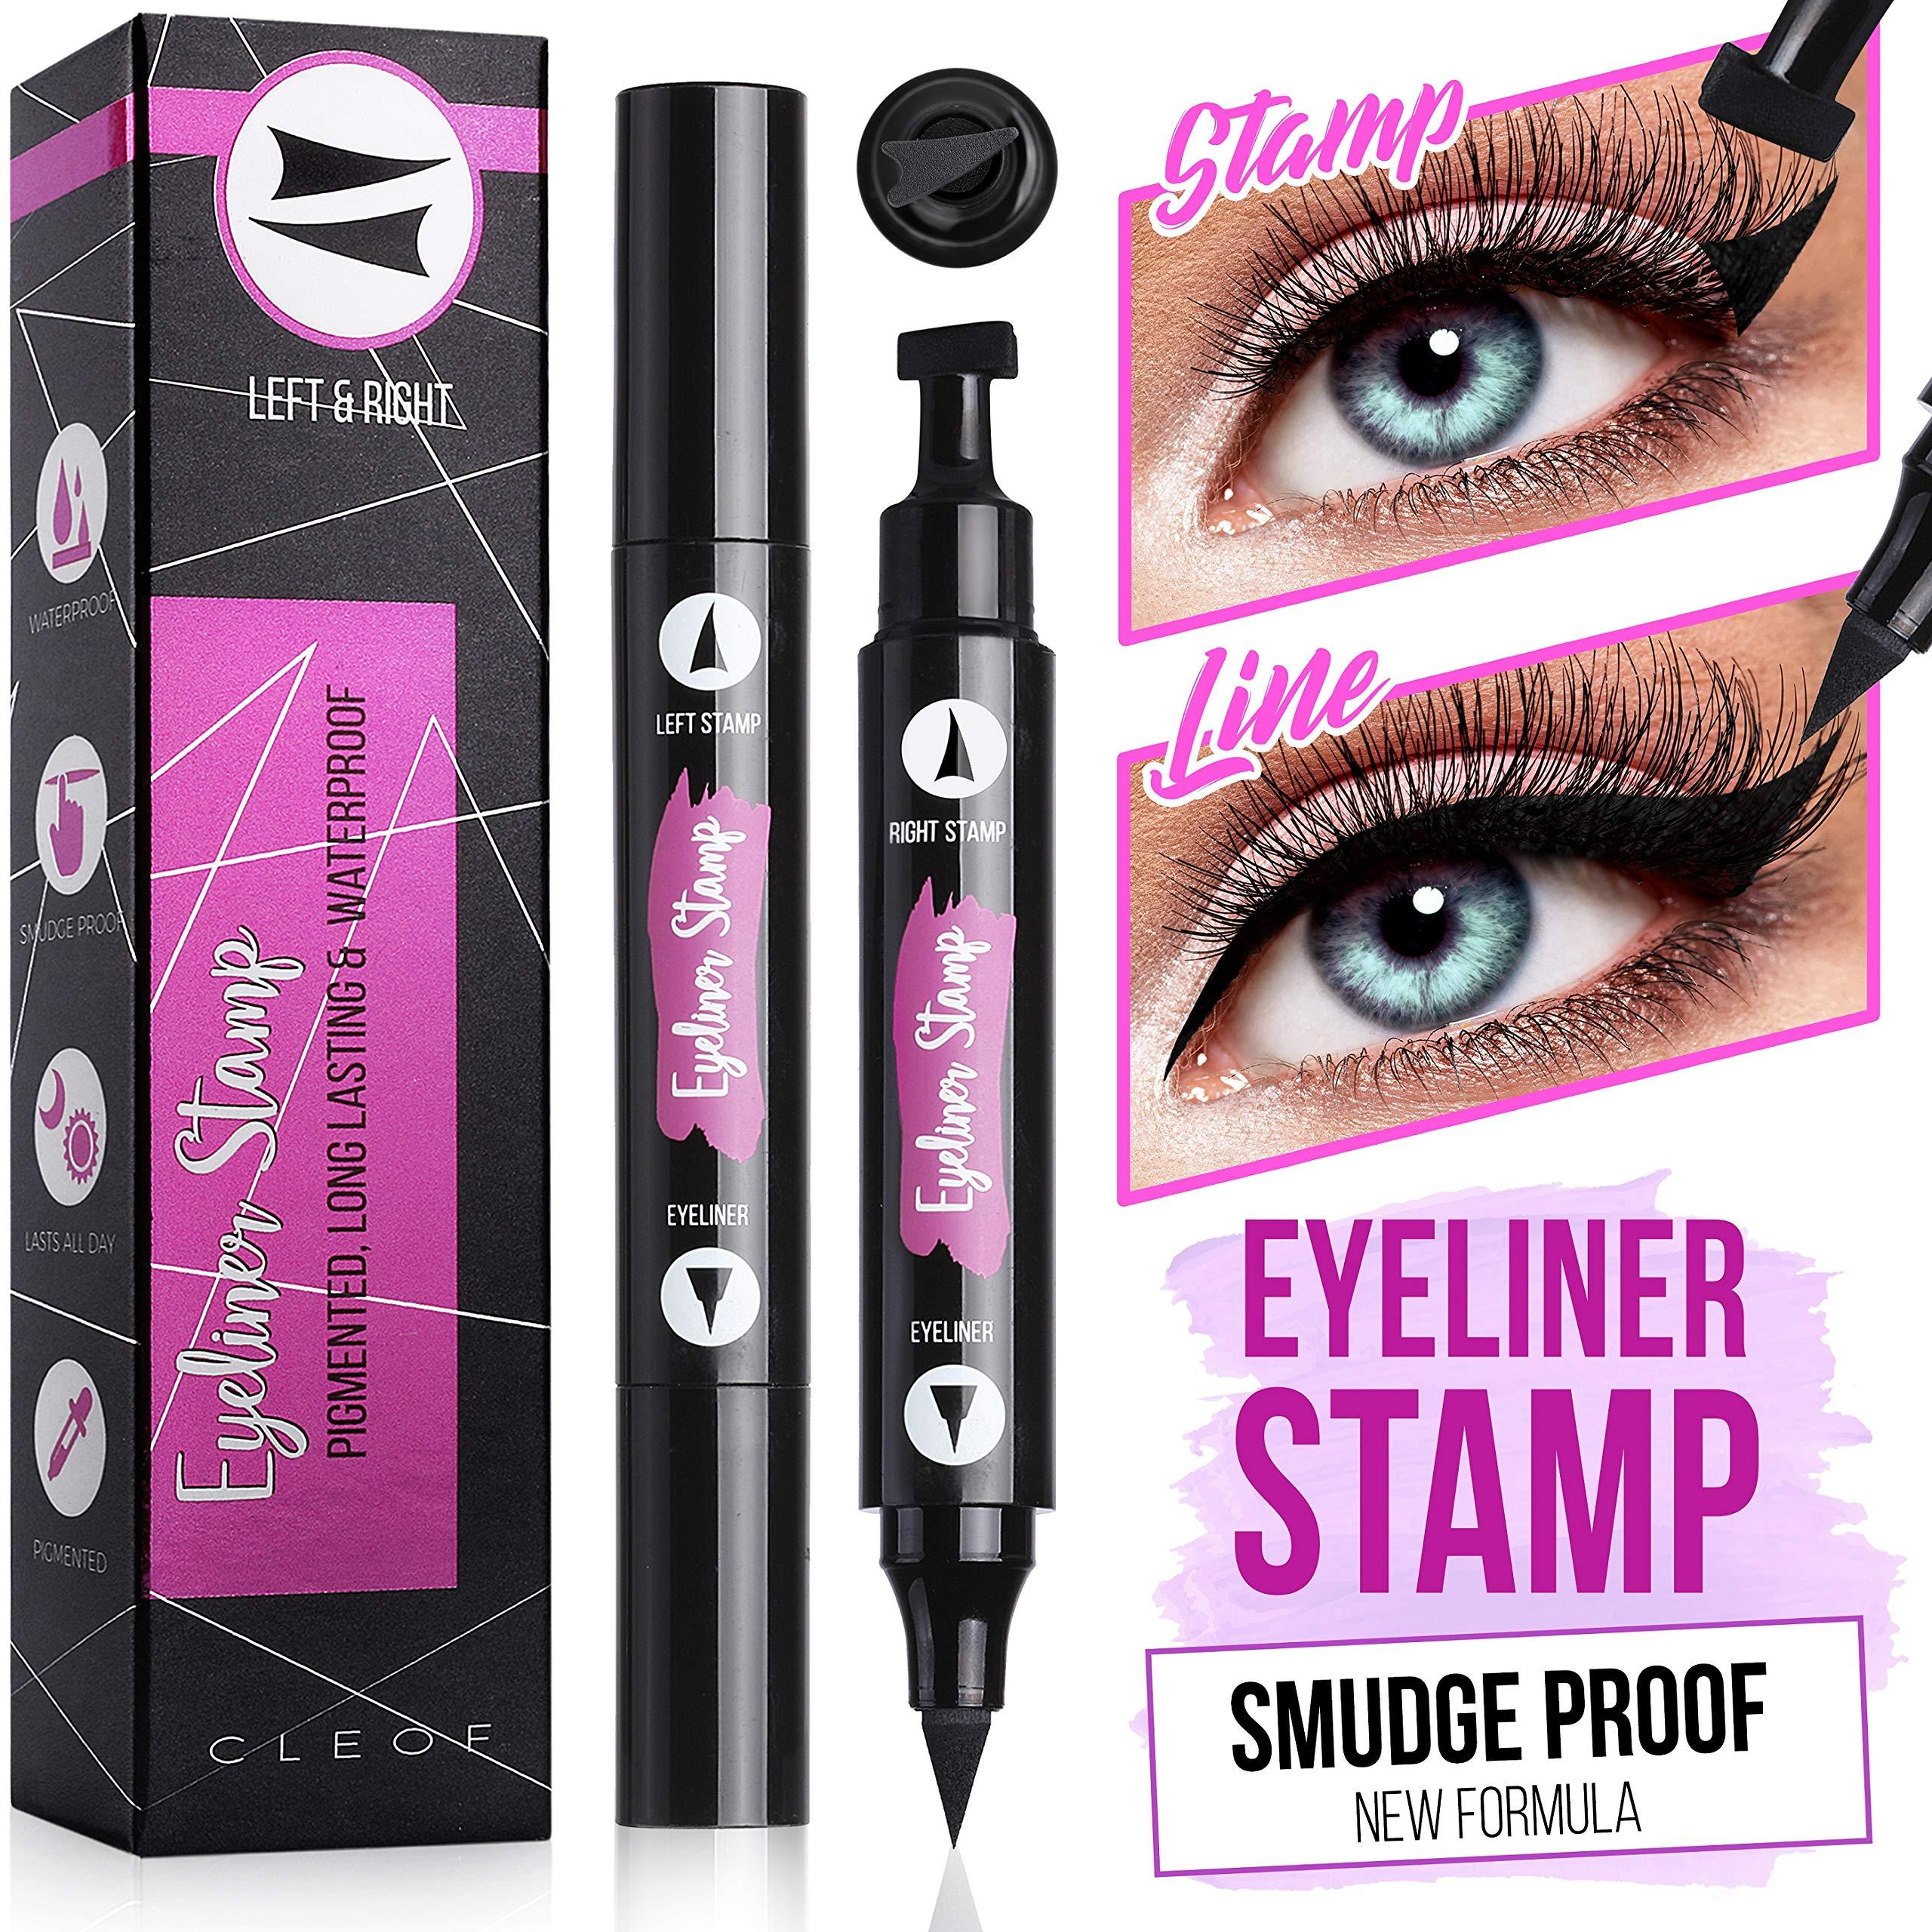 Eyeliner Stamp, Black, Waterproof, Smudge Proof, Winged Long Lasting Liquid Eye Liner Pen, Vamp Style Wing, 2 Pens in a Pack - 10 mm - Vegan & Cruelty Free Makeup by CLEOF